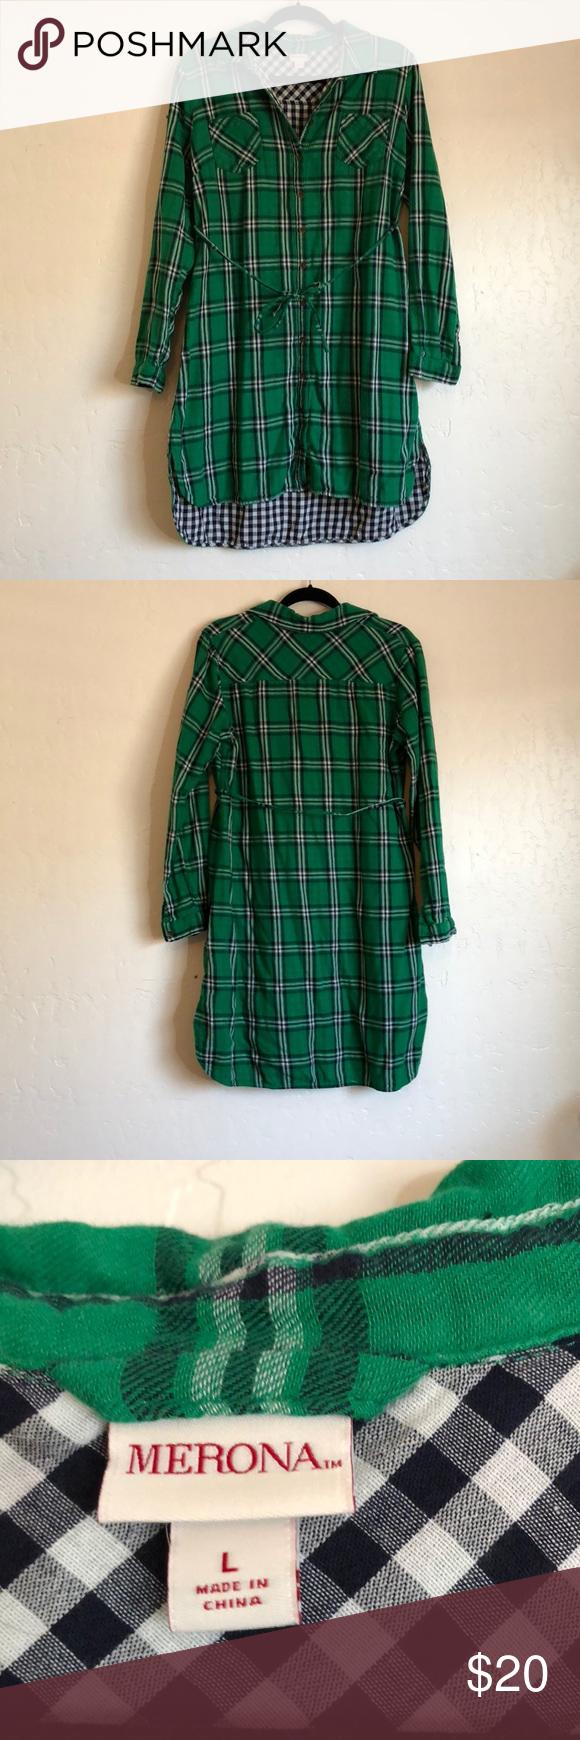 73553d7379 GreenPlaid Dress Green